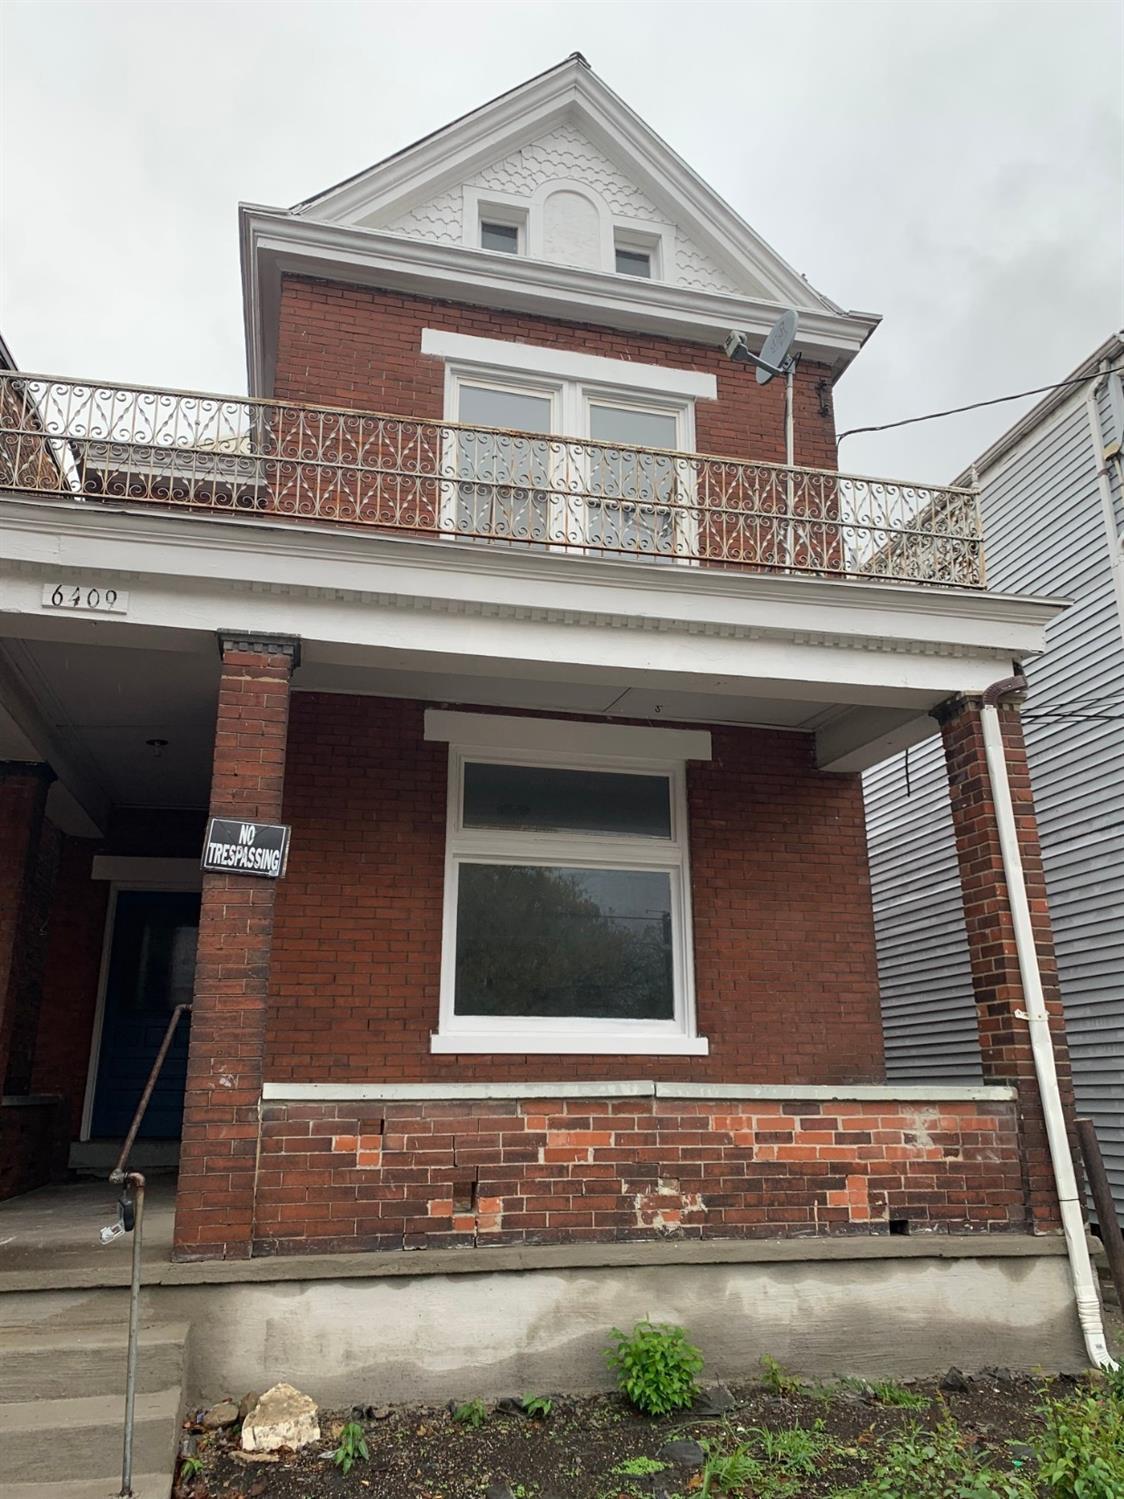 6409 Vine St Elmwood Place, OH